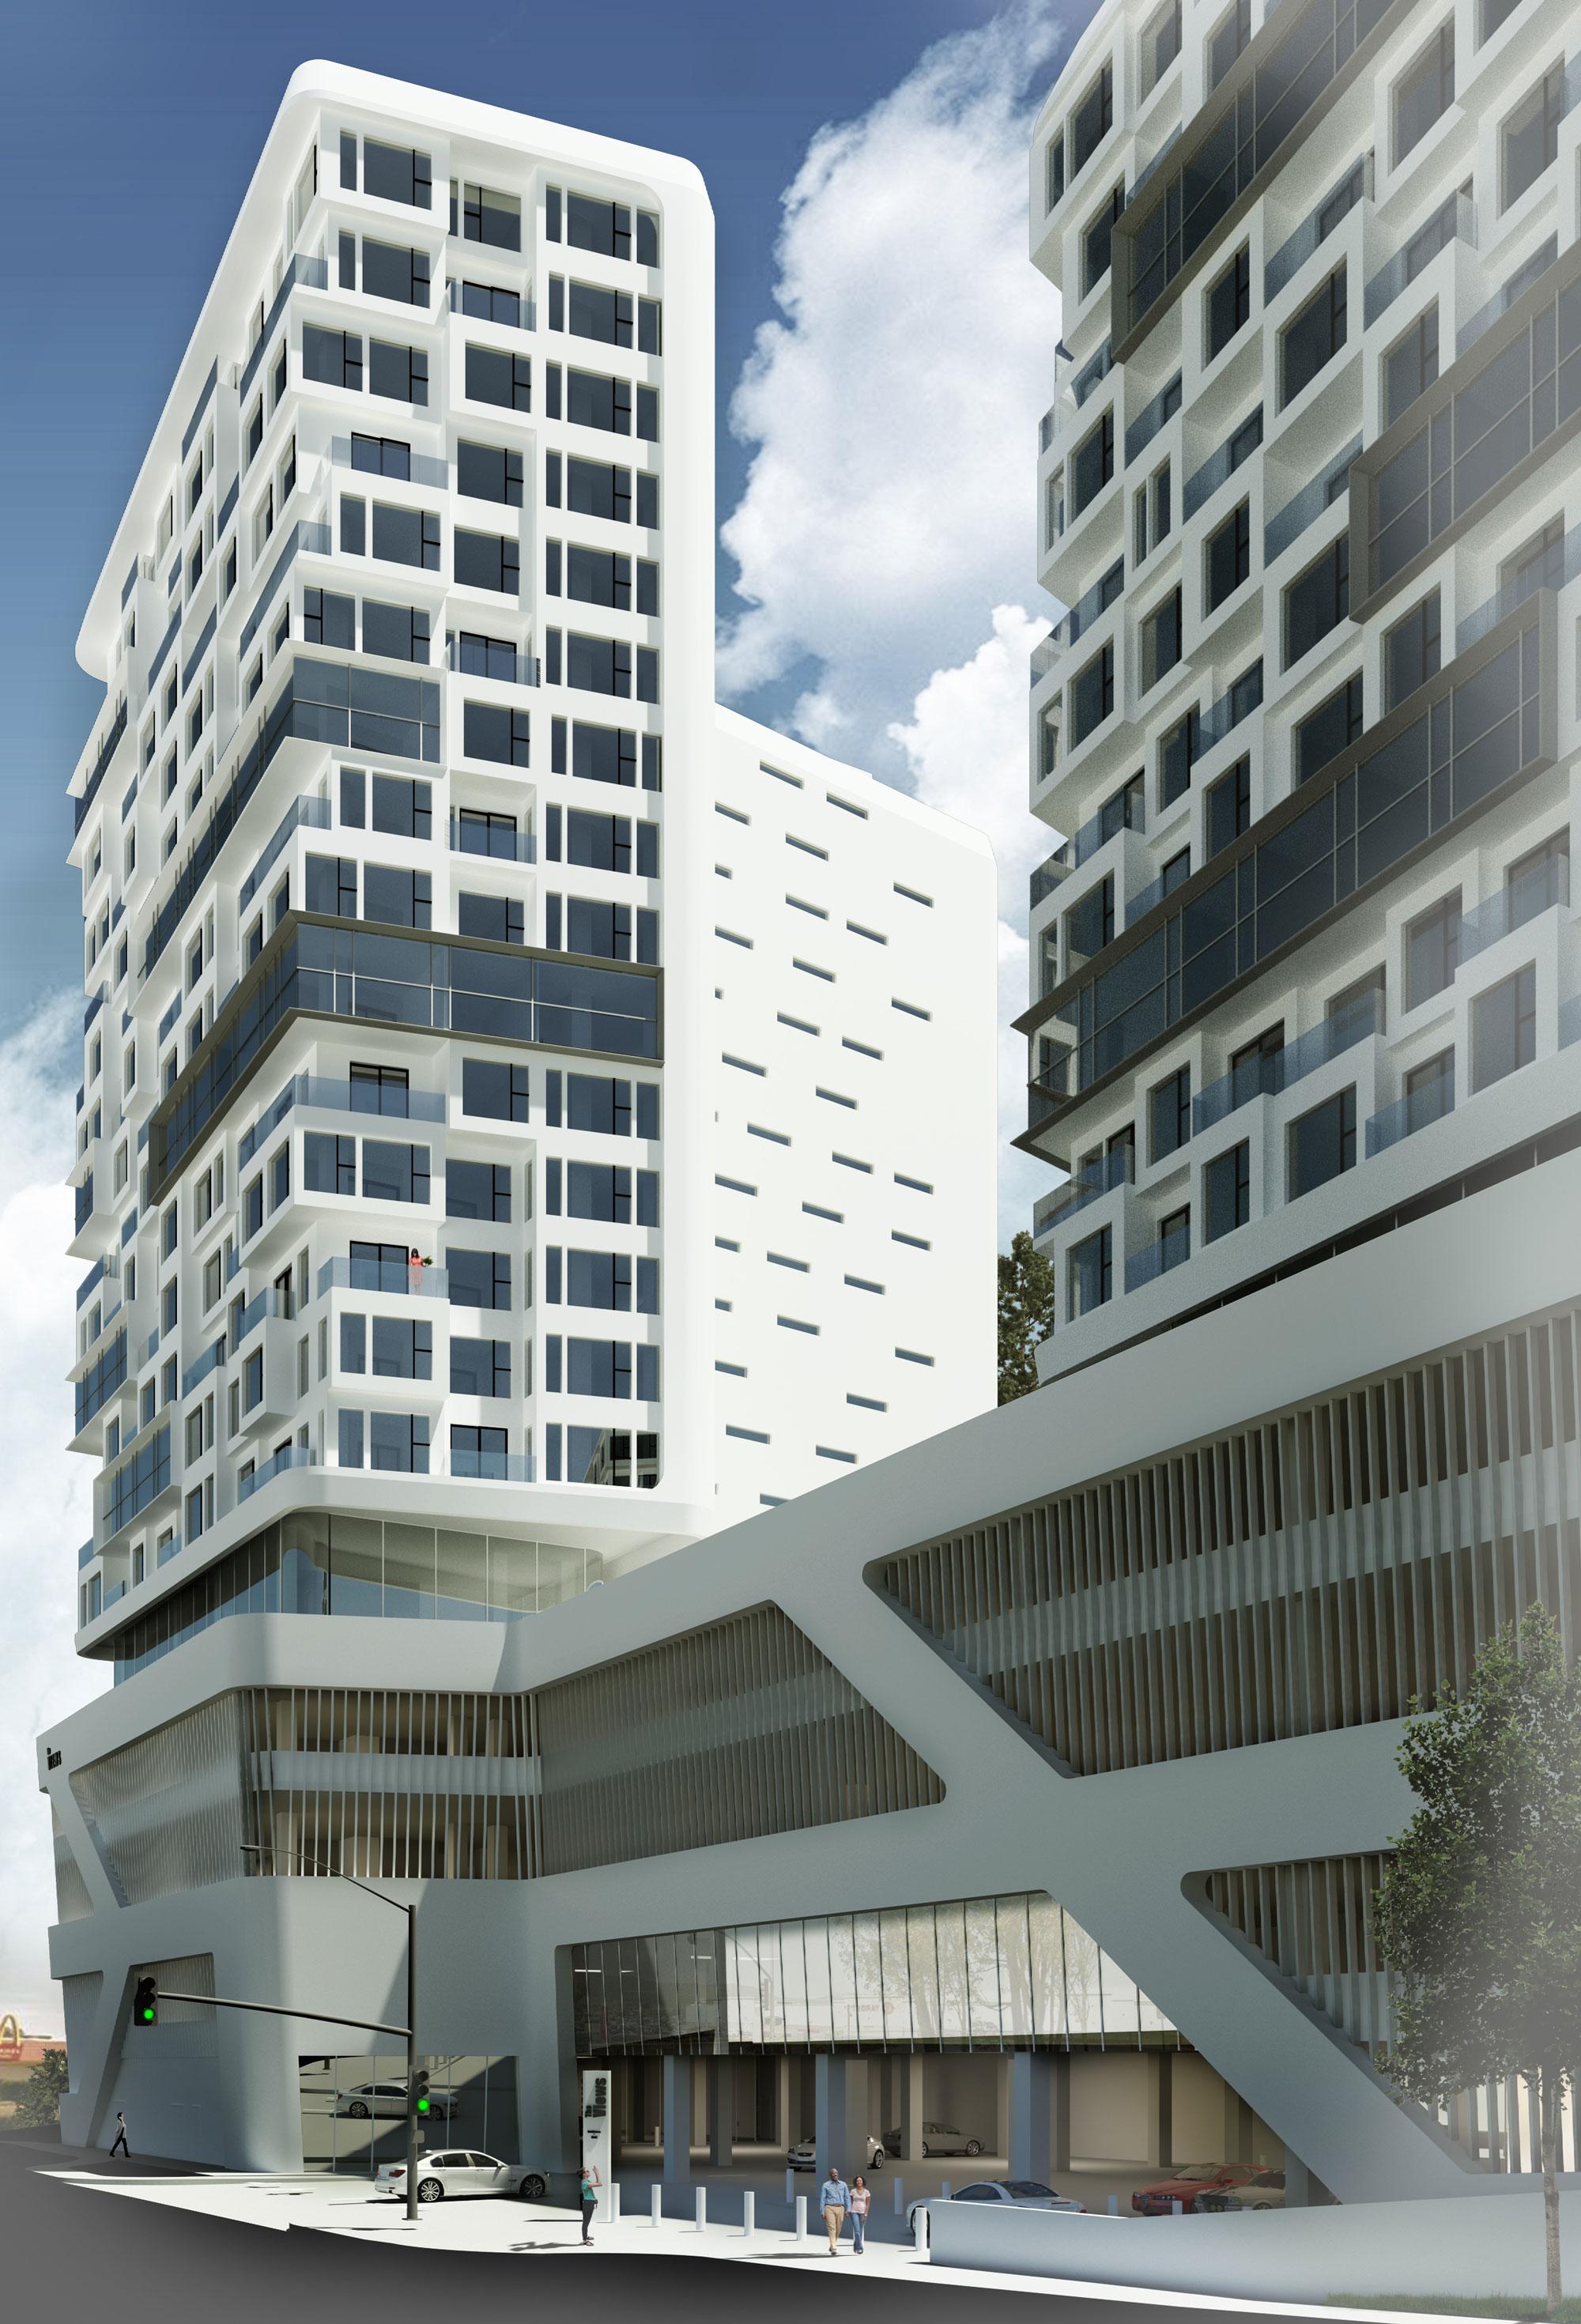 170724_BUILDING-A_BEST.jpg